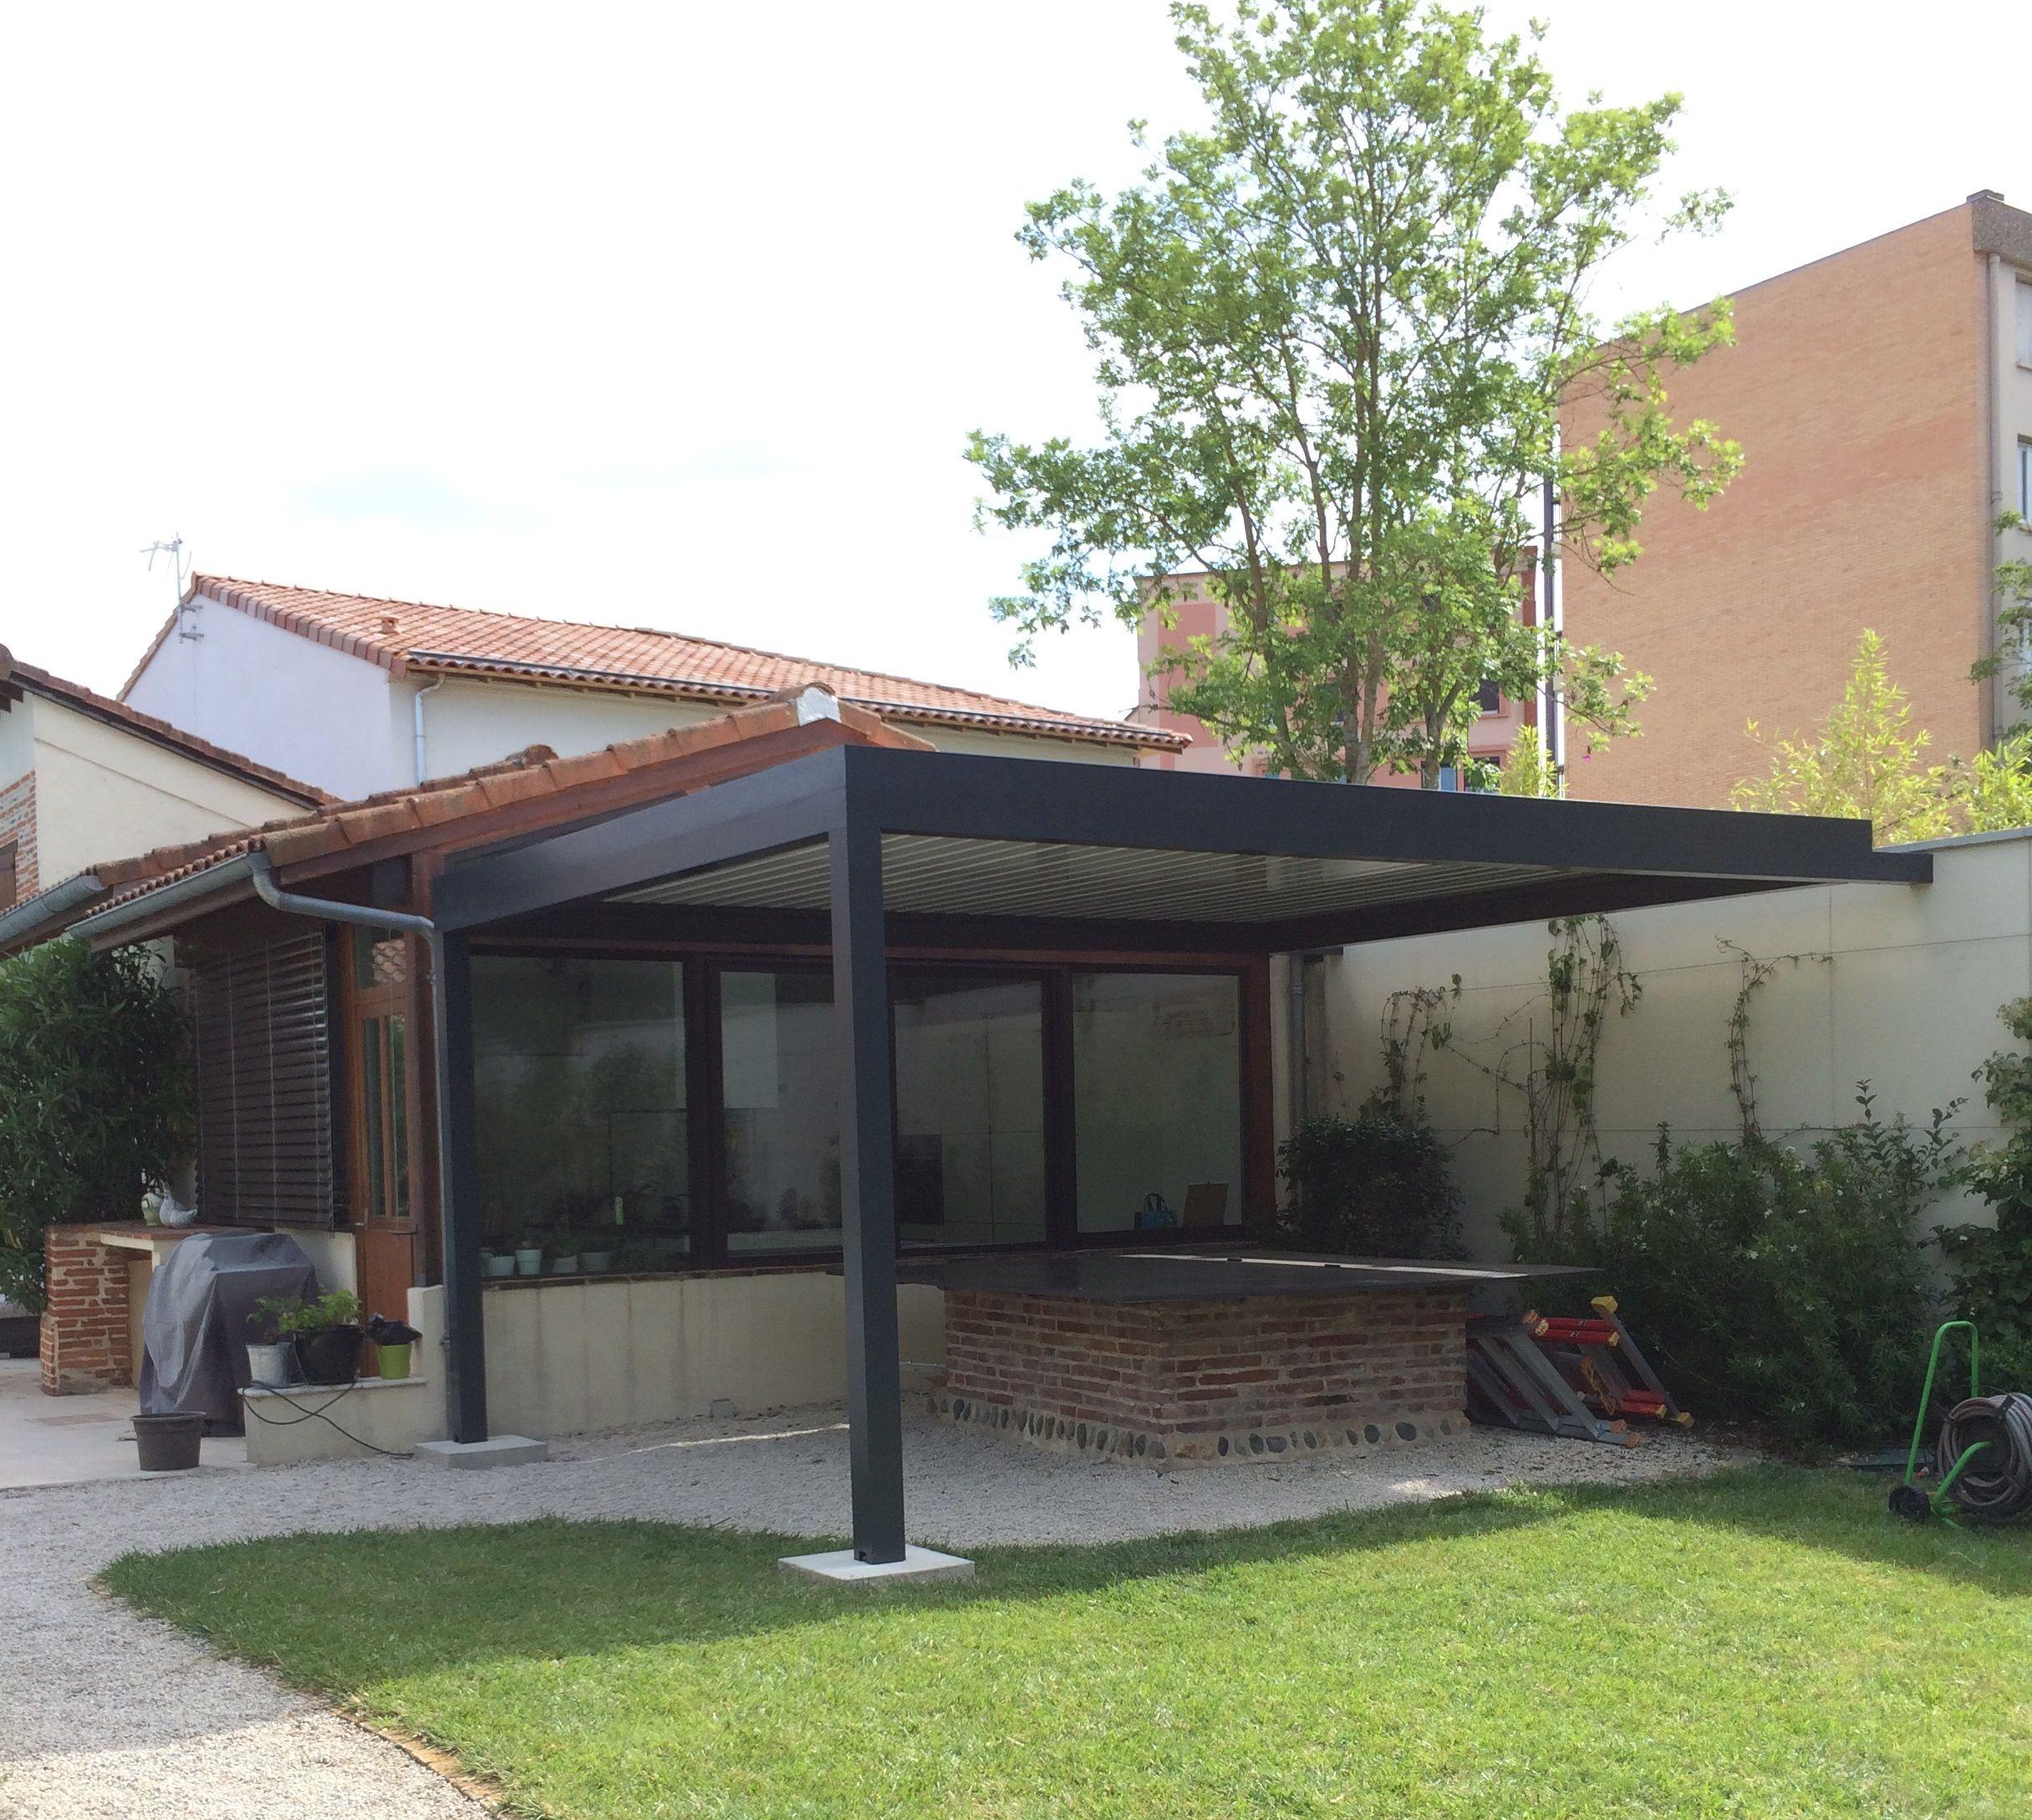 Pergola bioclimatique à lames orientables, installée chez un de nos clients ! Rdv sur le site !